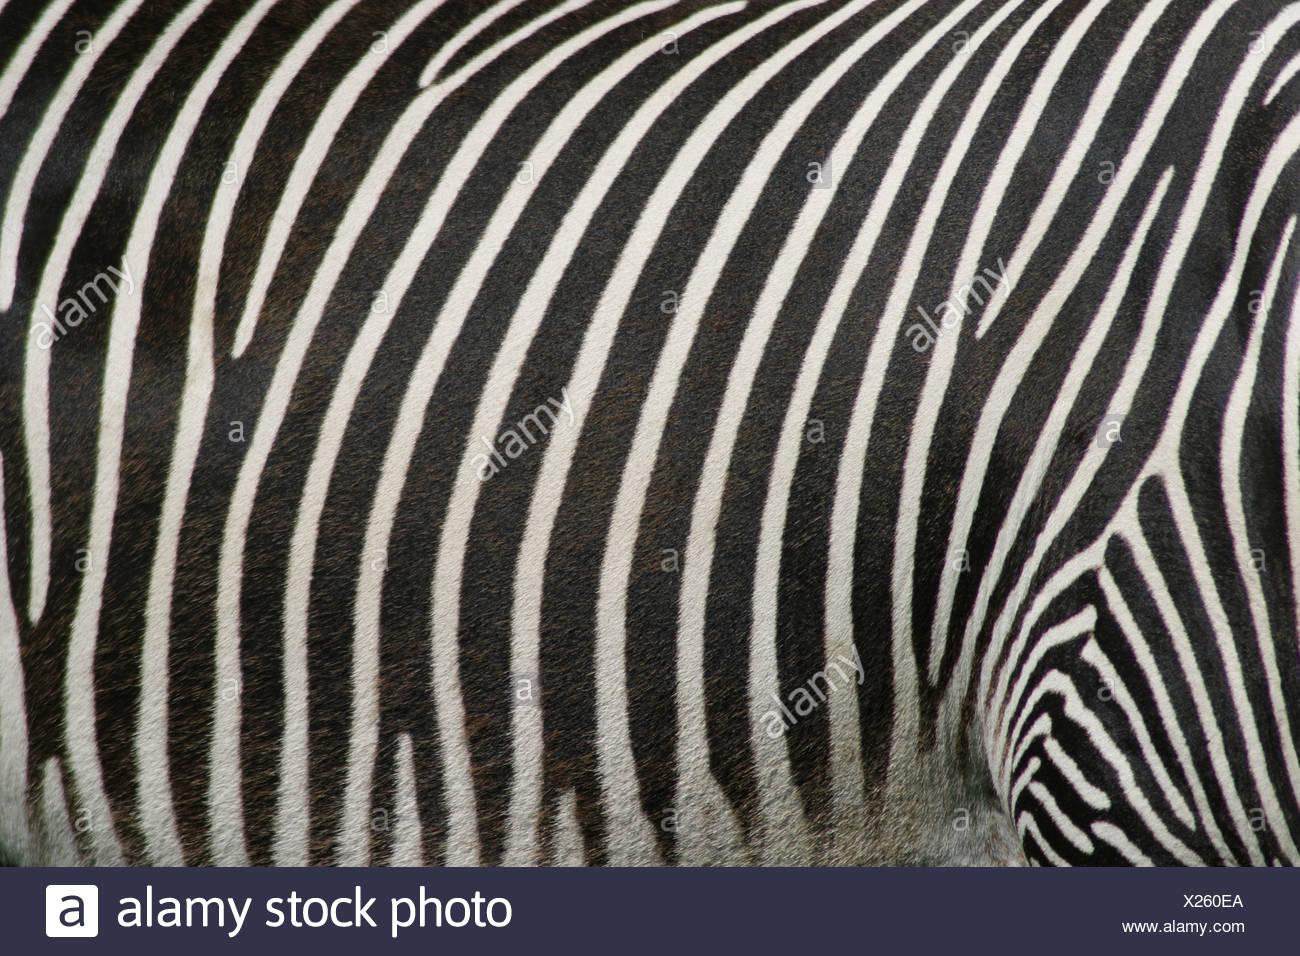 Cerca del blanco y negro en un patrón Zebra Foto de stock